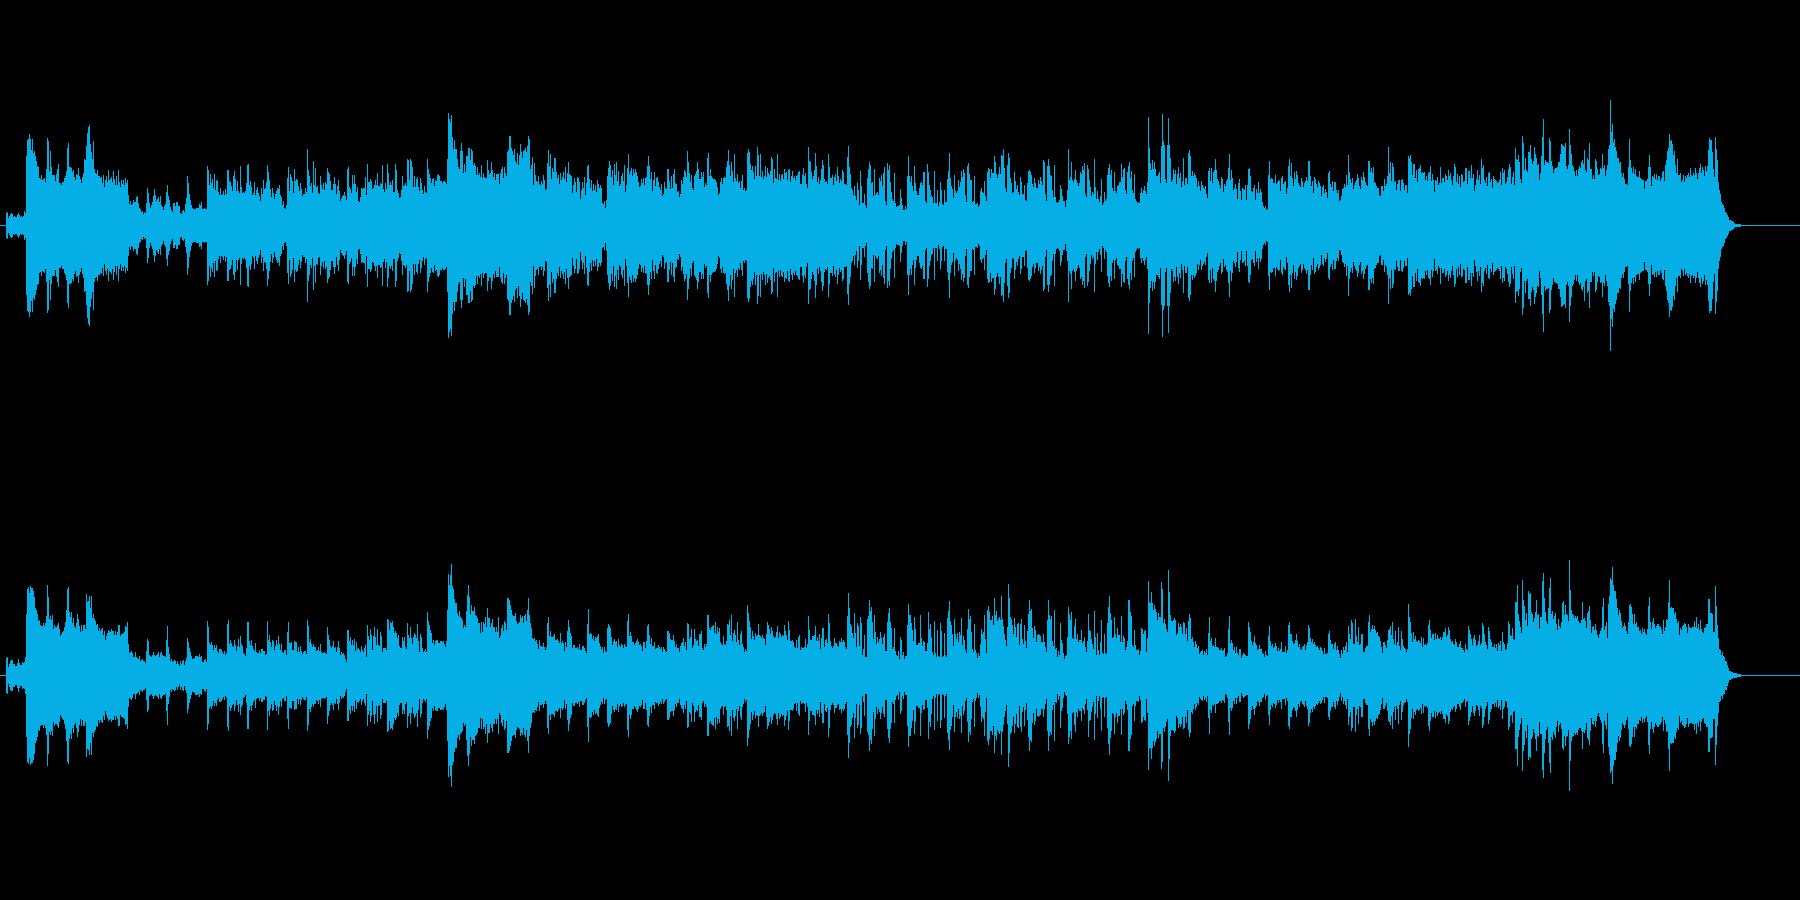 郷愁をかきたてる映画音楽風サウンドの再生済みの波形